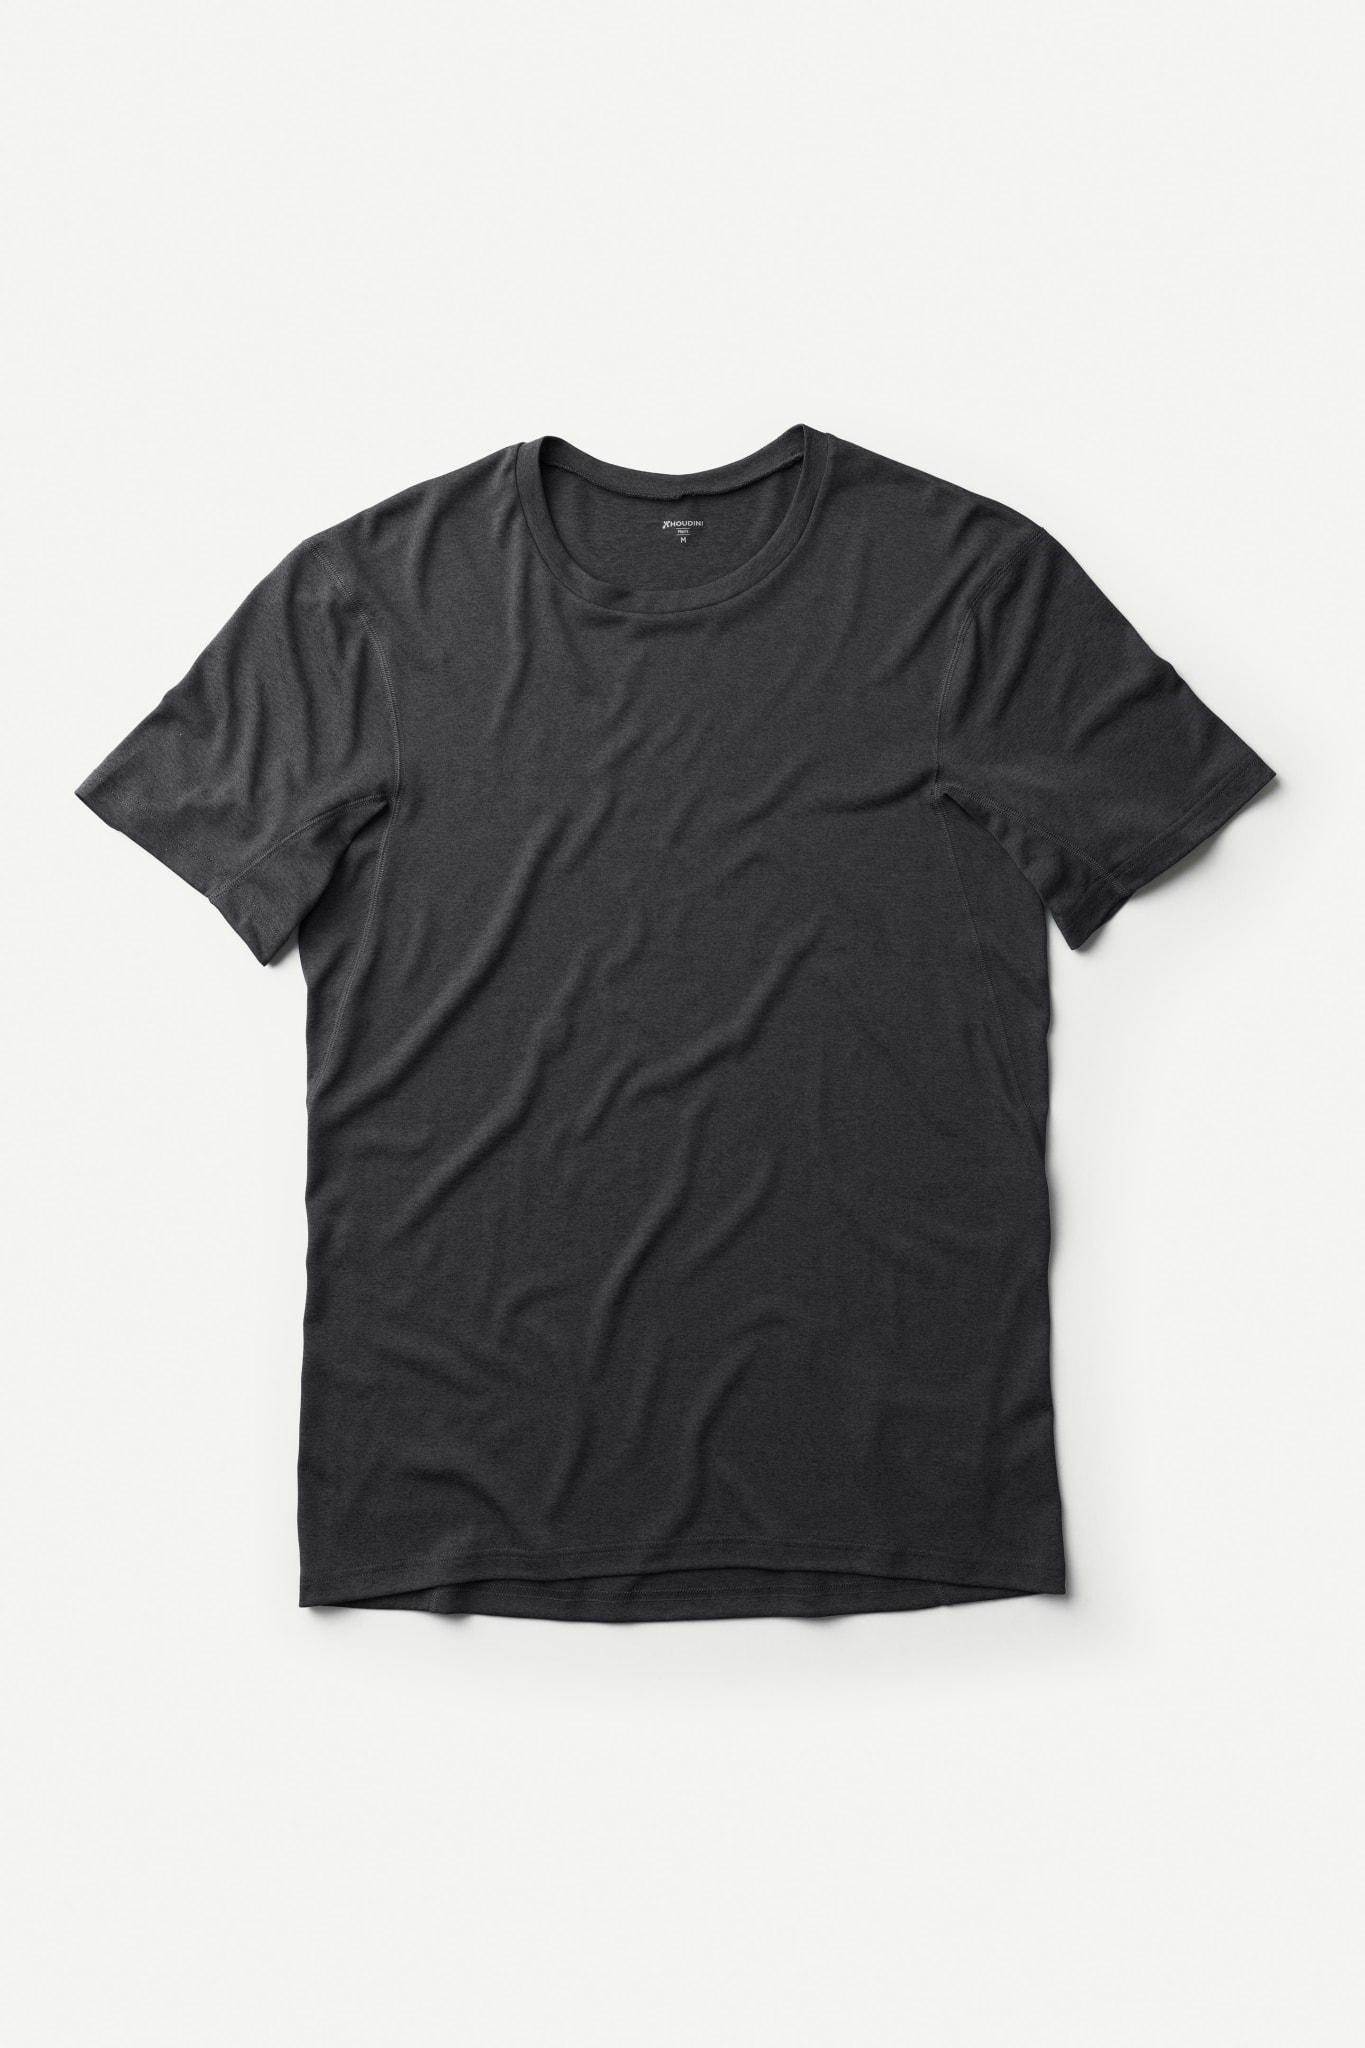 T-skjorte for trening og tur i syntetisk materiale